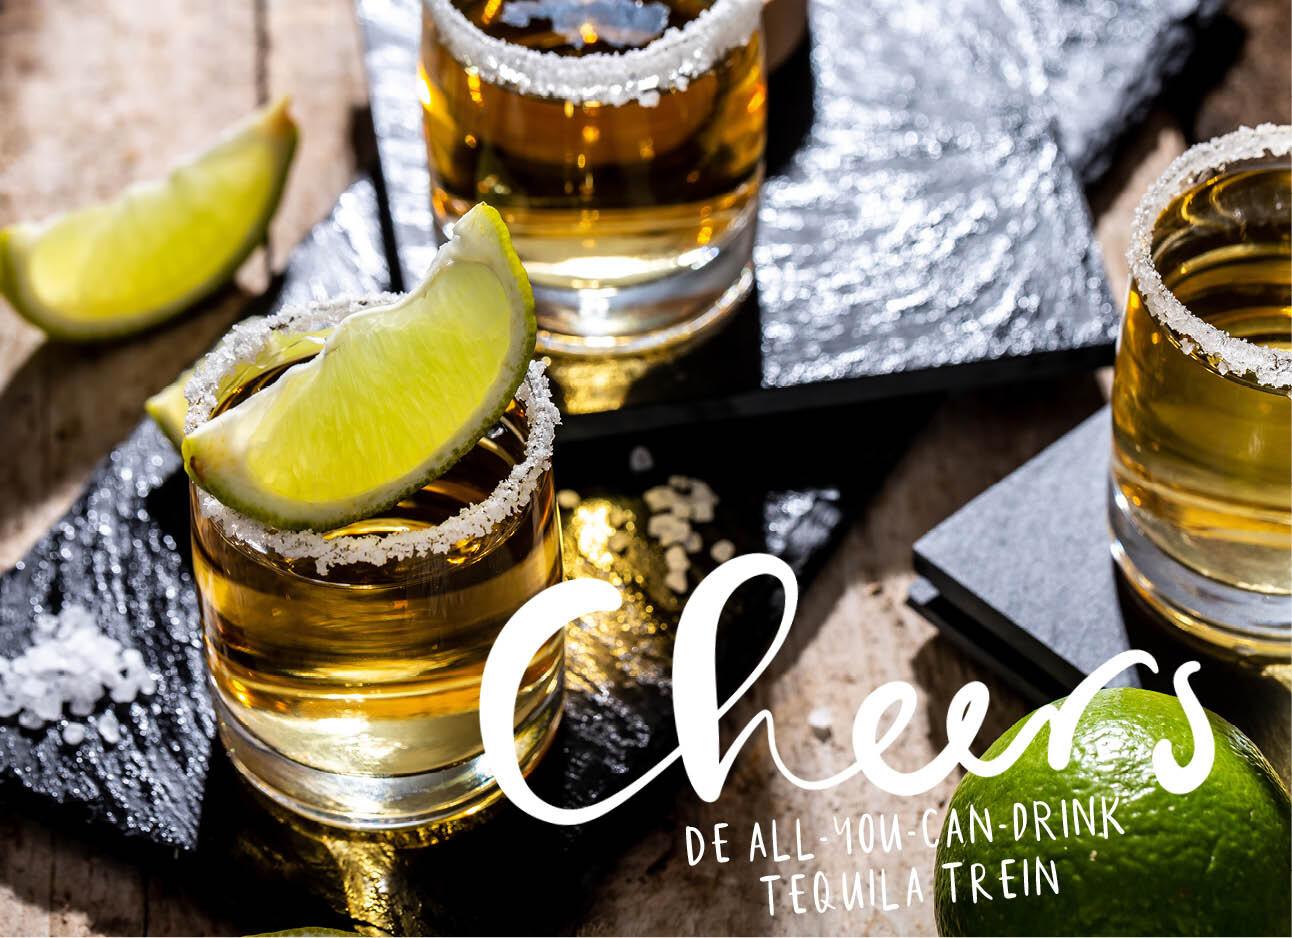 Cheers: de tequila-trein bestaat echt